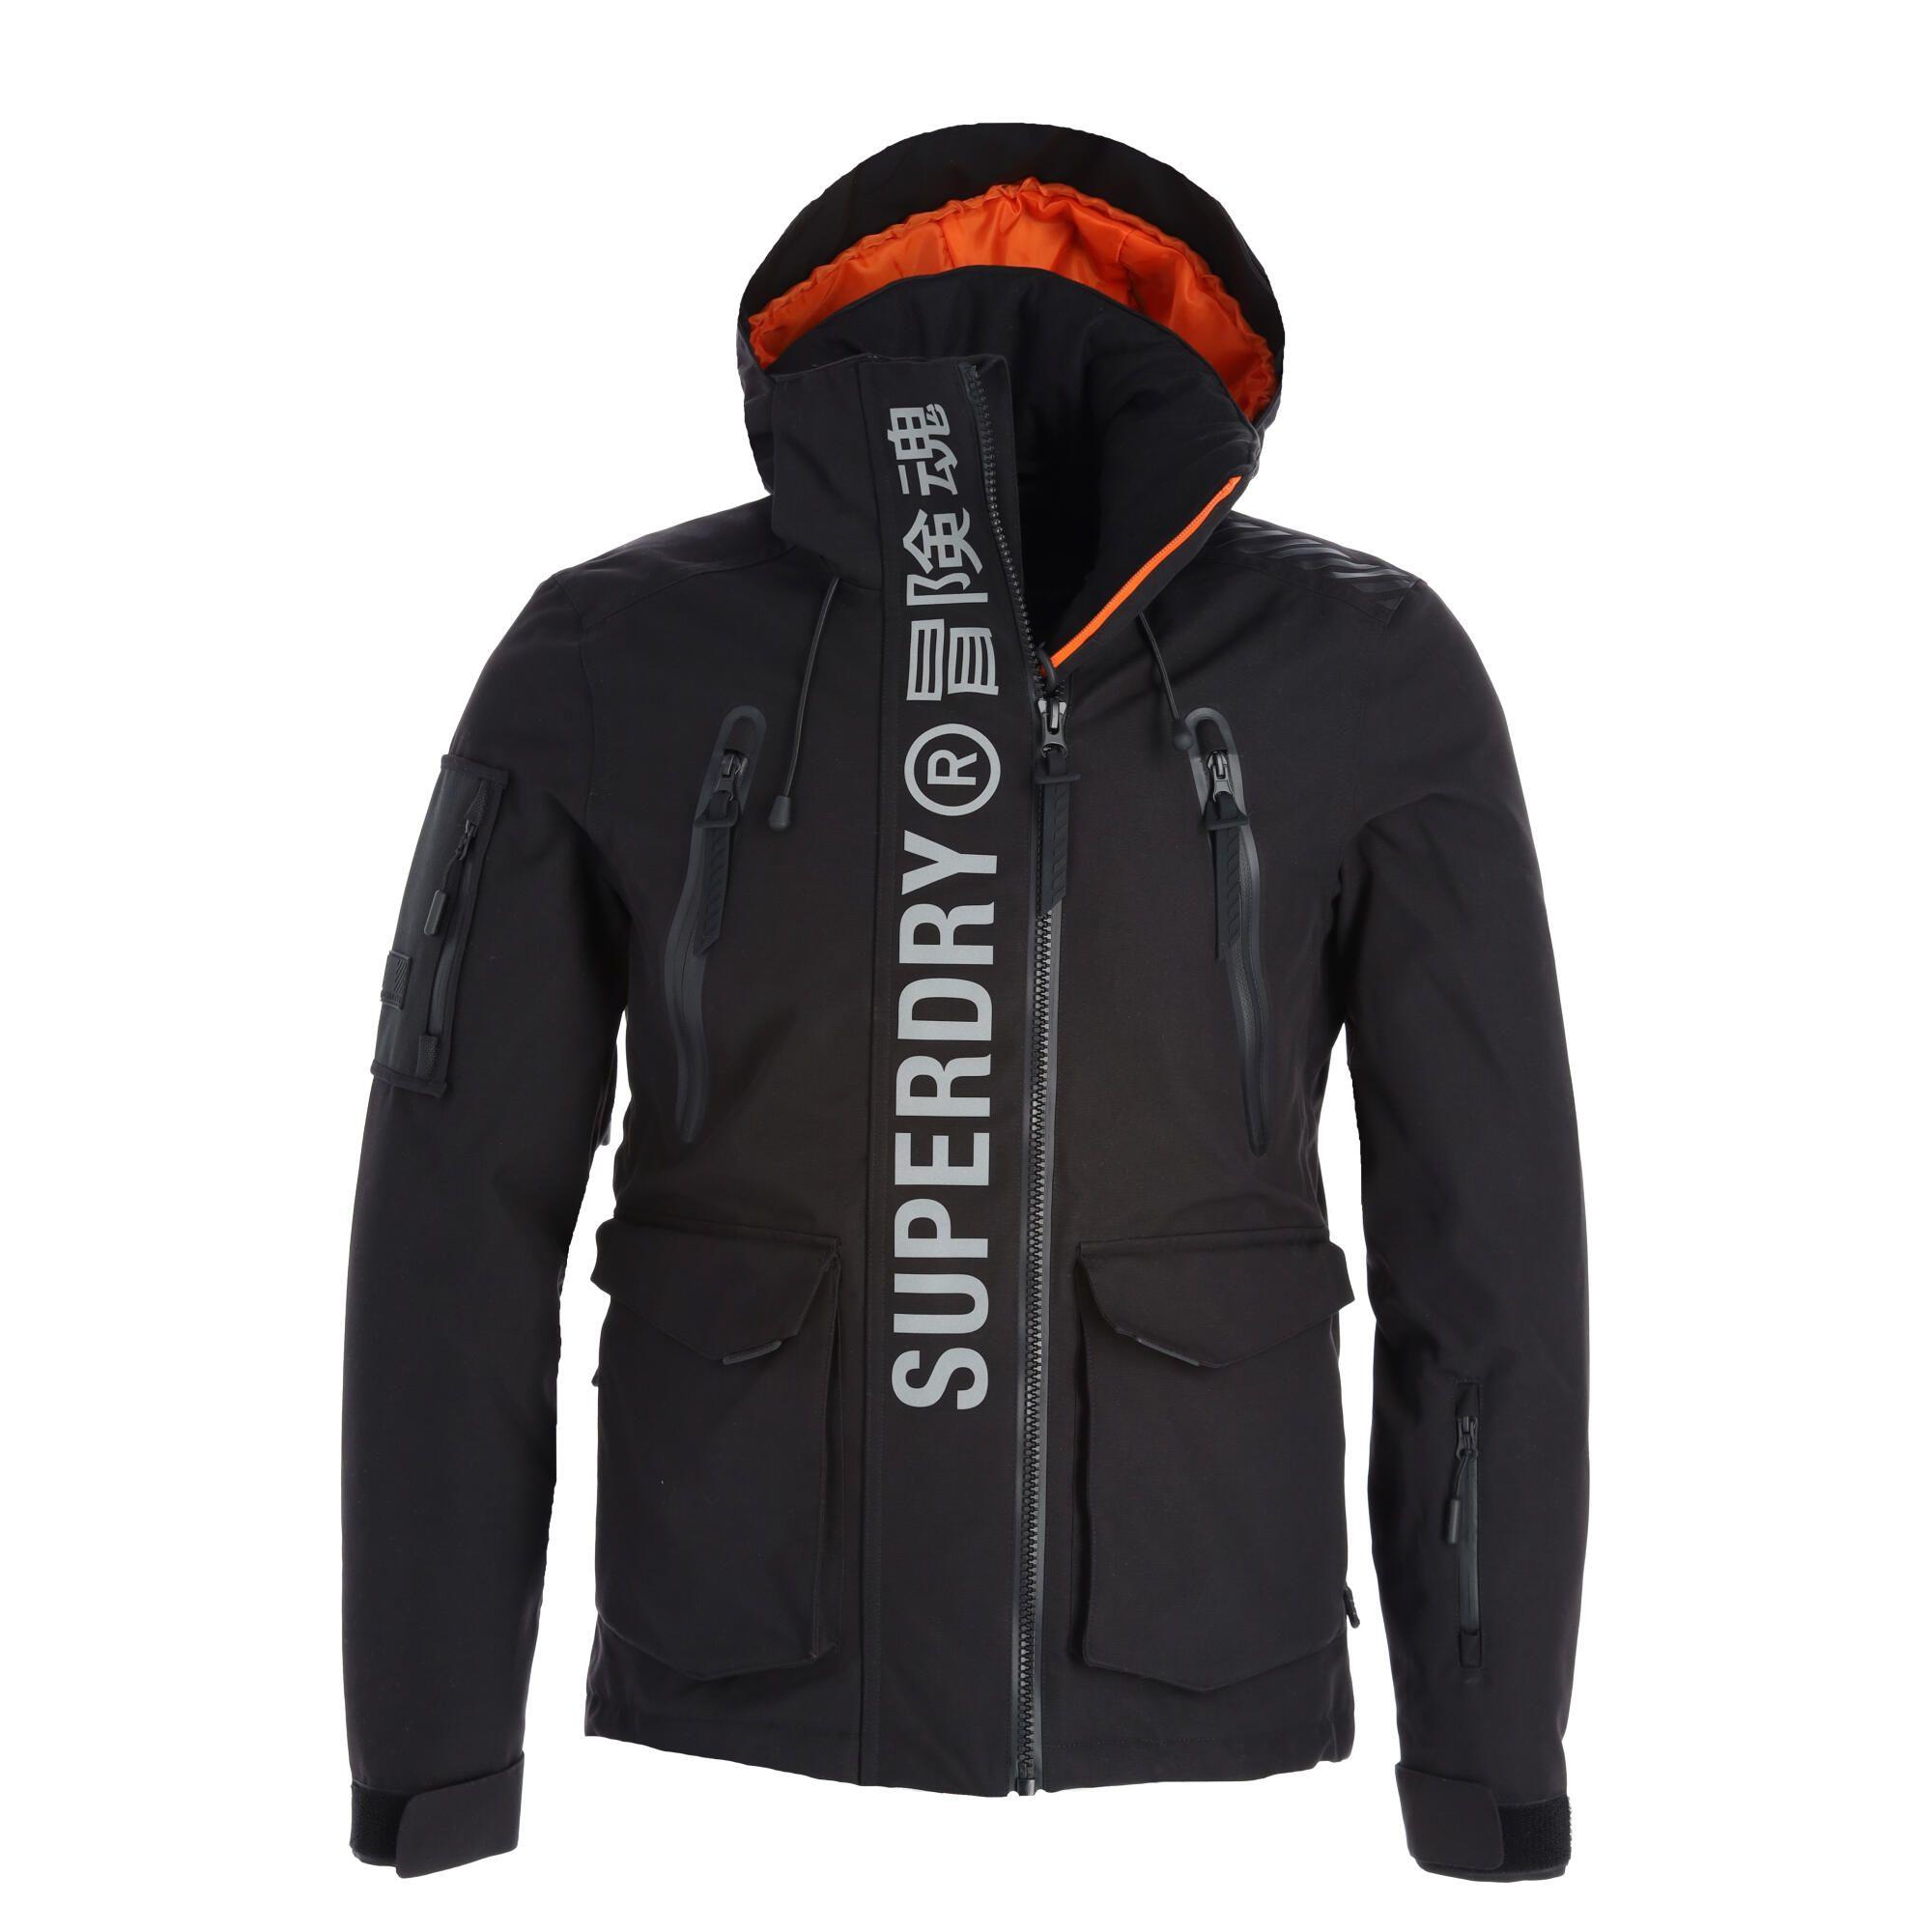 Superdry Ultimate Mountain Rescue Jkt Ski Jacket Men Black Skiwebshopskiwebshop Com